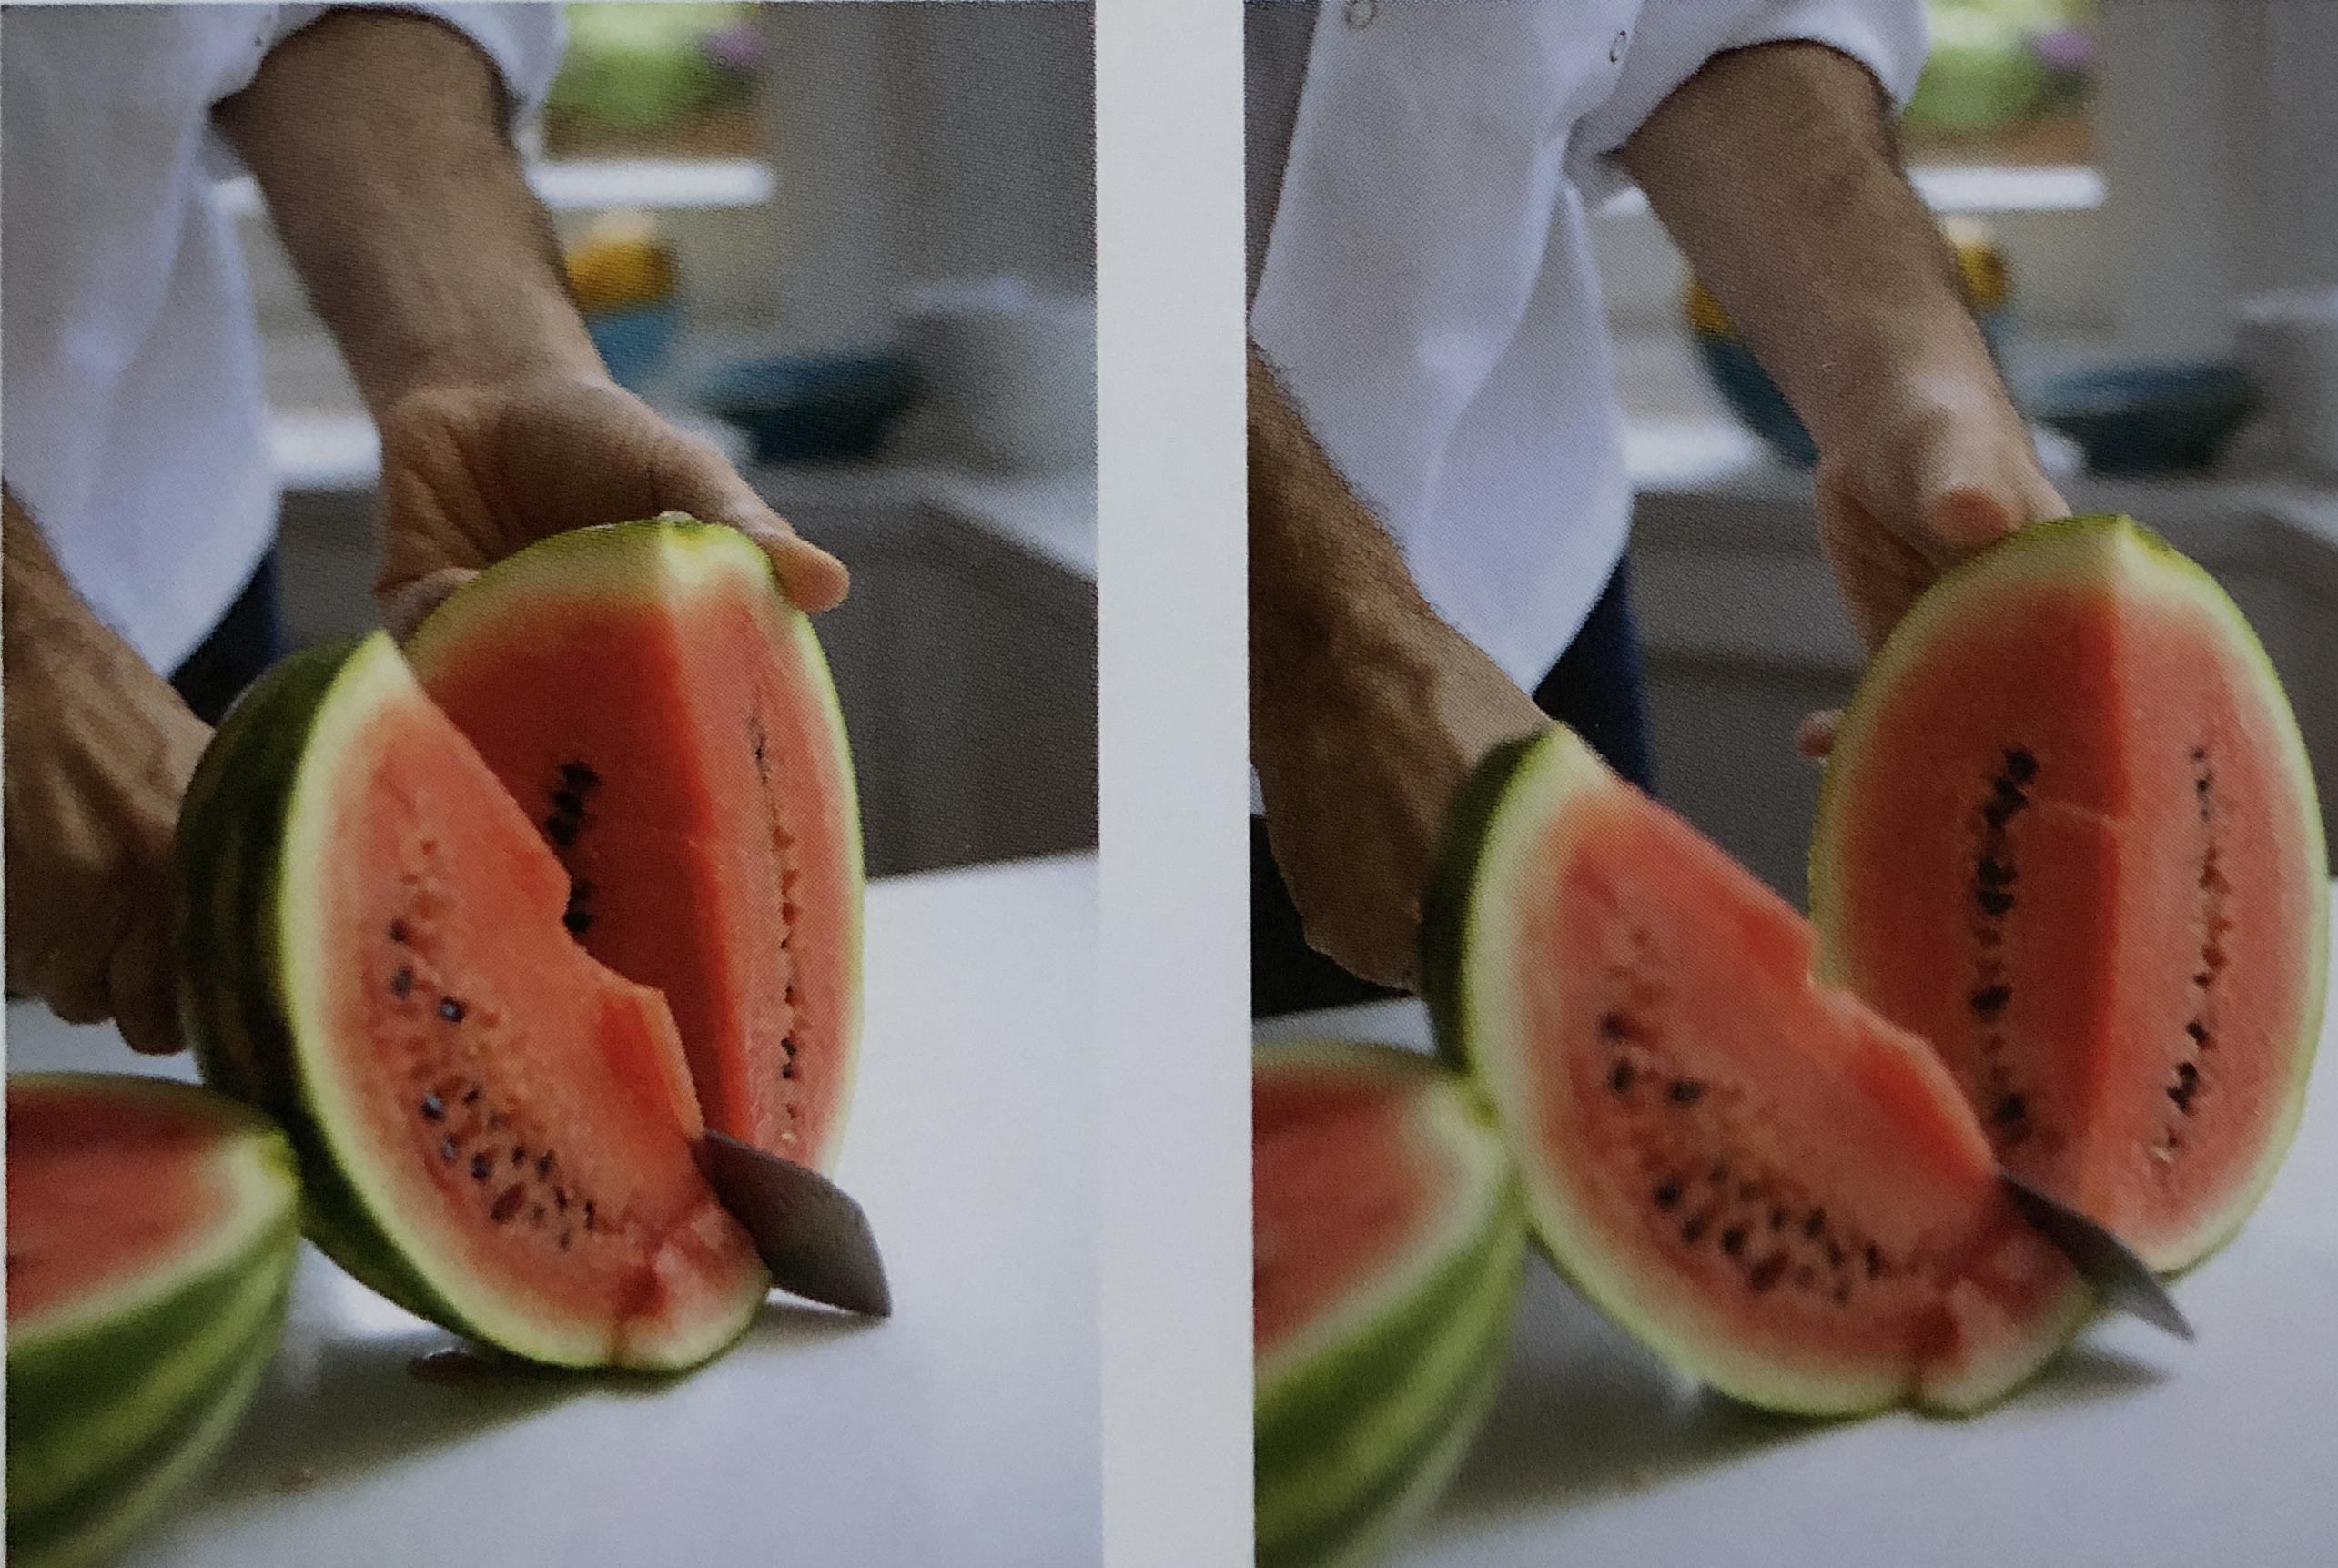 watermelon cuts